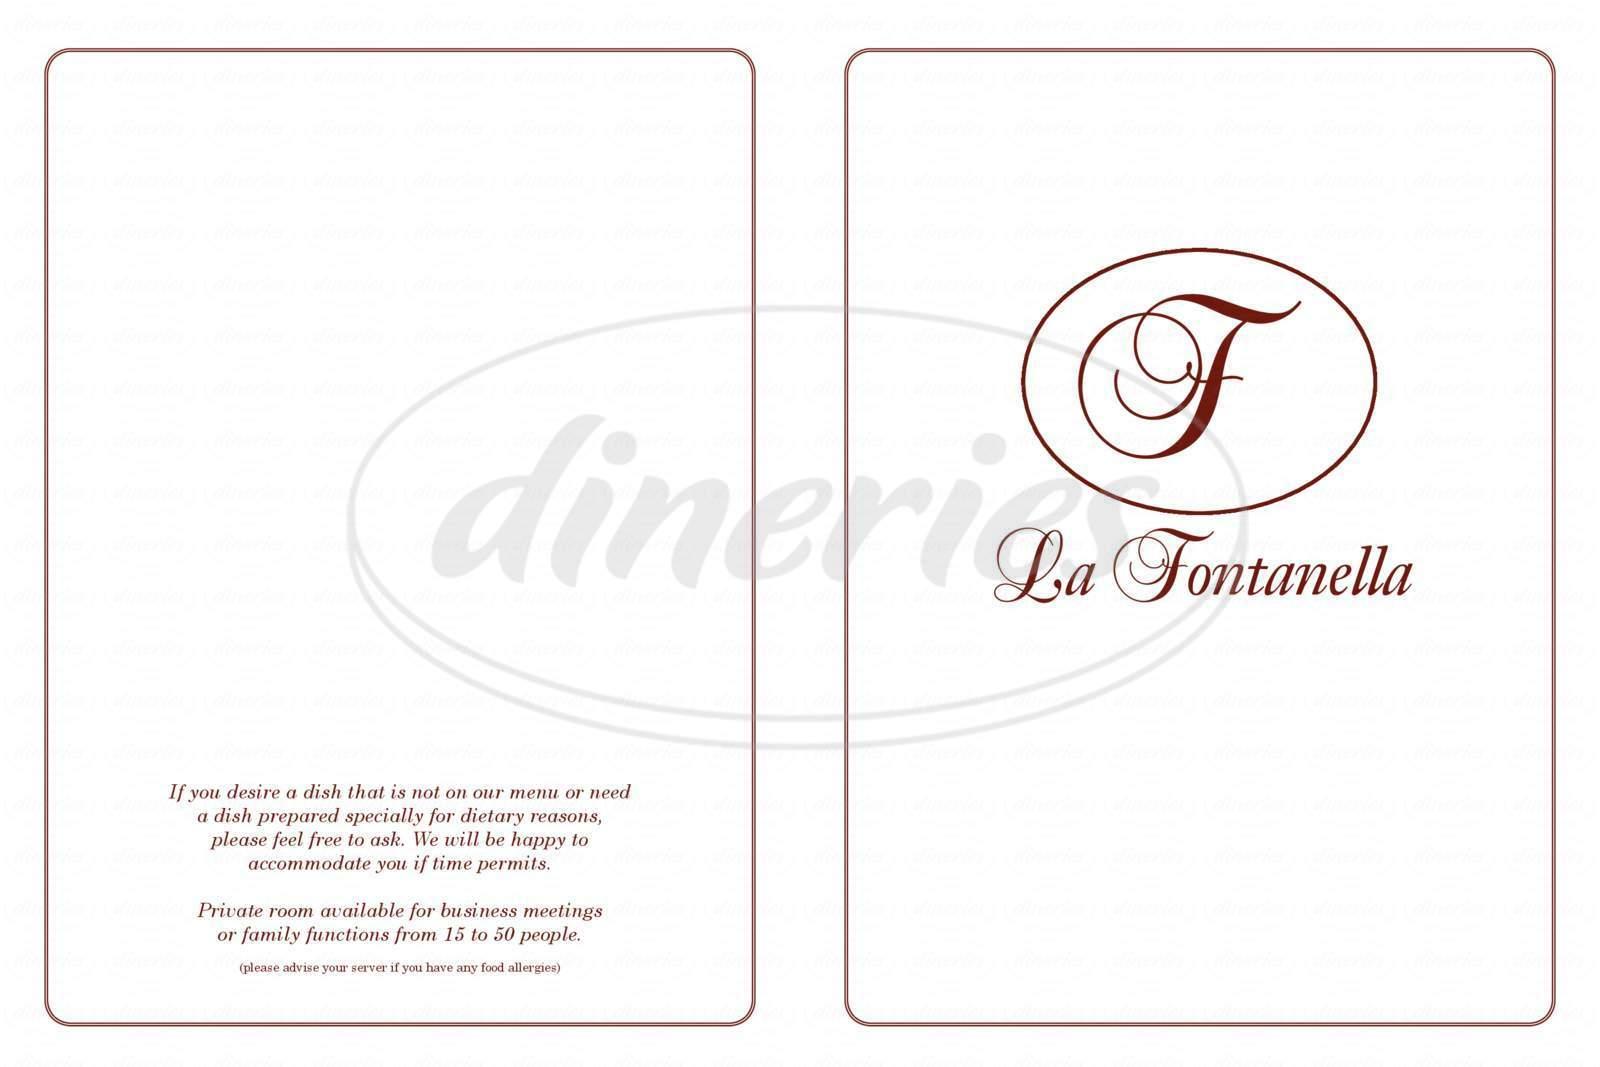 menu for La Fontanella